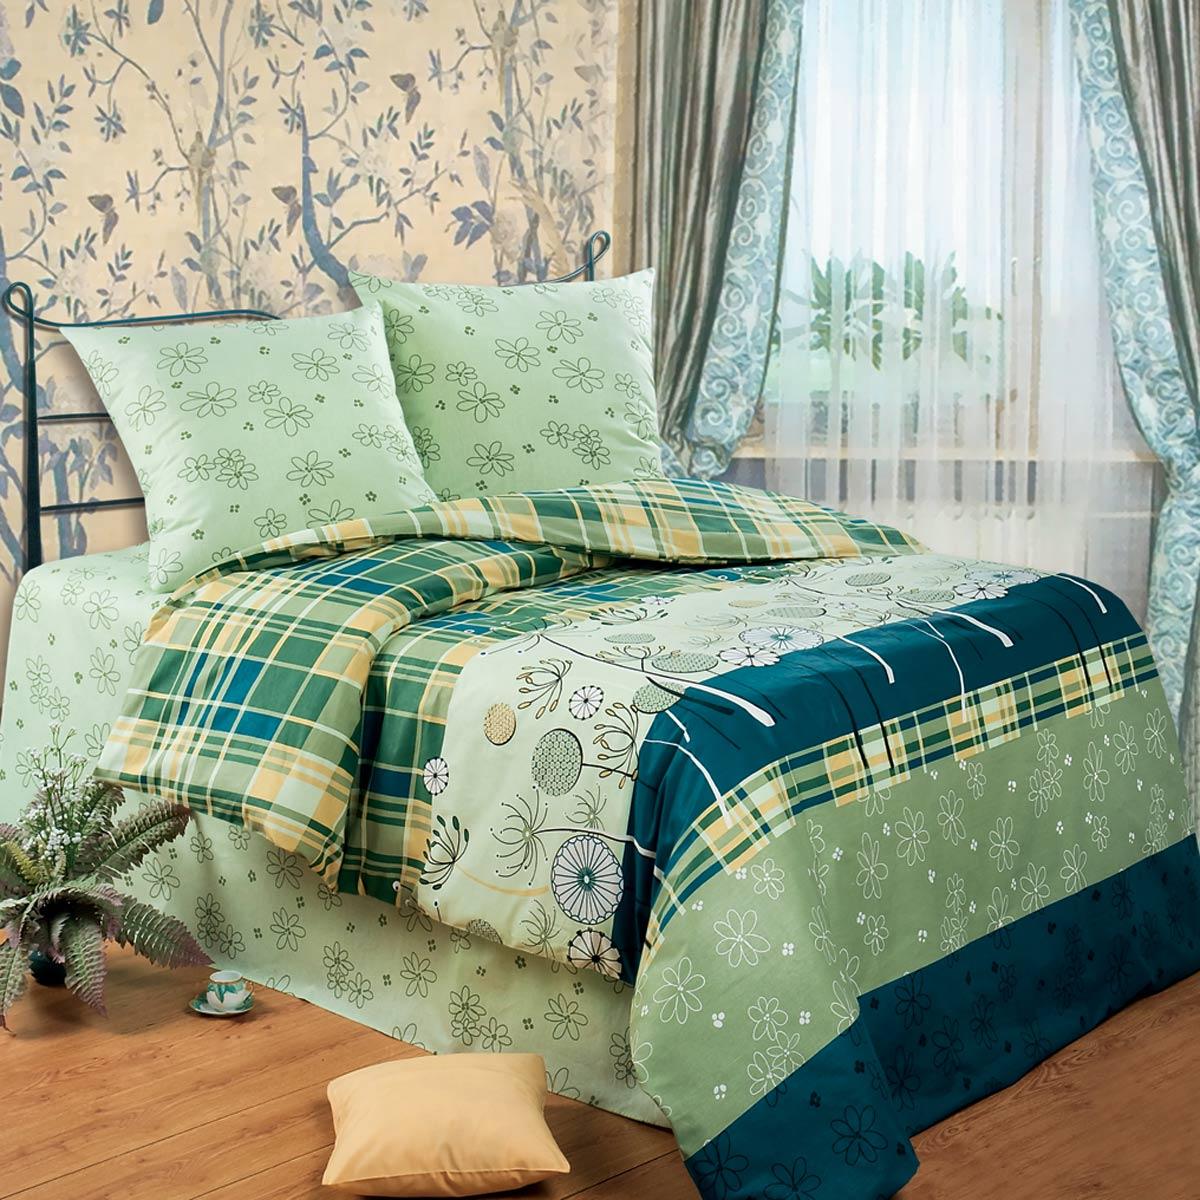 Комплект белья Любимый дом Гербарий, 2-х спальное, наволочки 70 х 70, цвет: зеленый. 321420321420Постельное белье торговой марки «Любимый дом» - это идеальное сочетание доступной цены и высокого качества продукции. Серия «Любимый дом 3D» выполнена в технике объемного трехмерного изображения: объемные рисунки очень яркие, насыщенные и реалистичные. Коллекция выполнена из традиционной отечественной бязи с высоким показателем износостойкости: такое постельное белье очень прочное и долговечное, не деформируется при стирках и прослужит долгие годы.